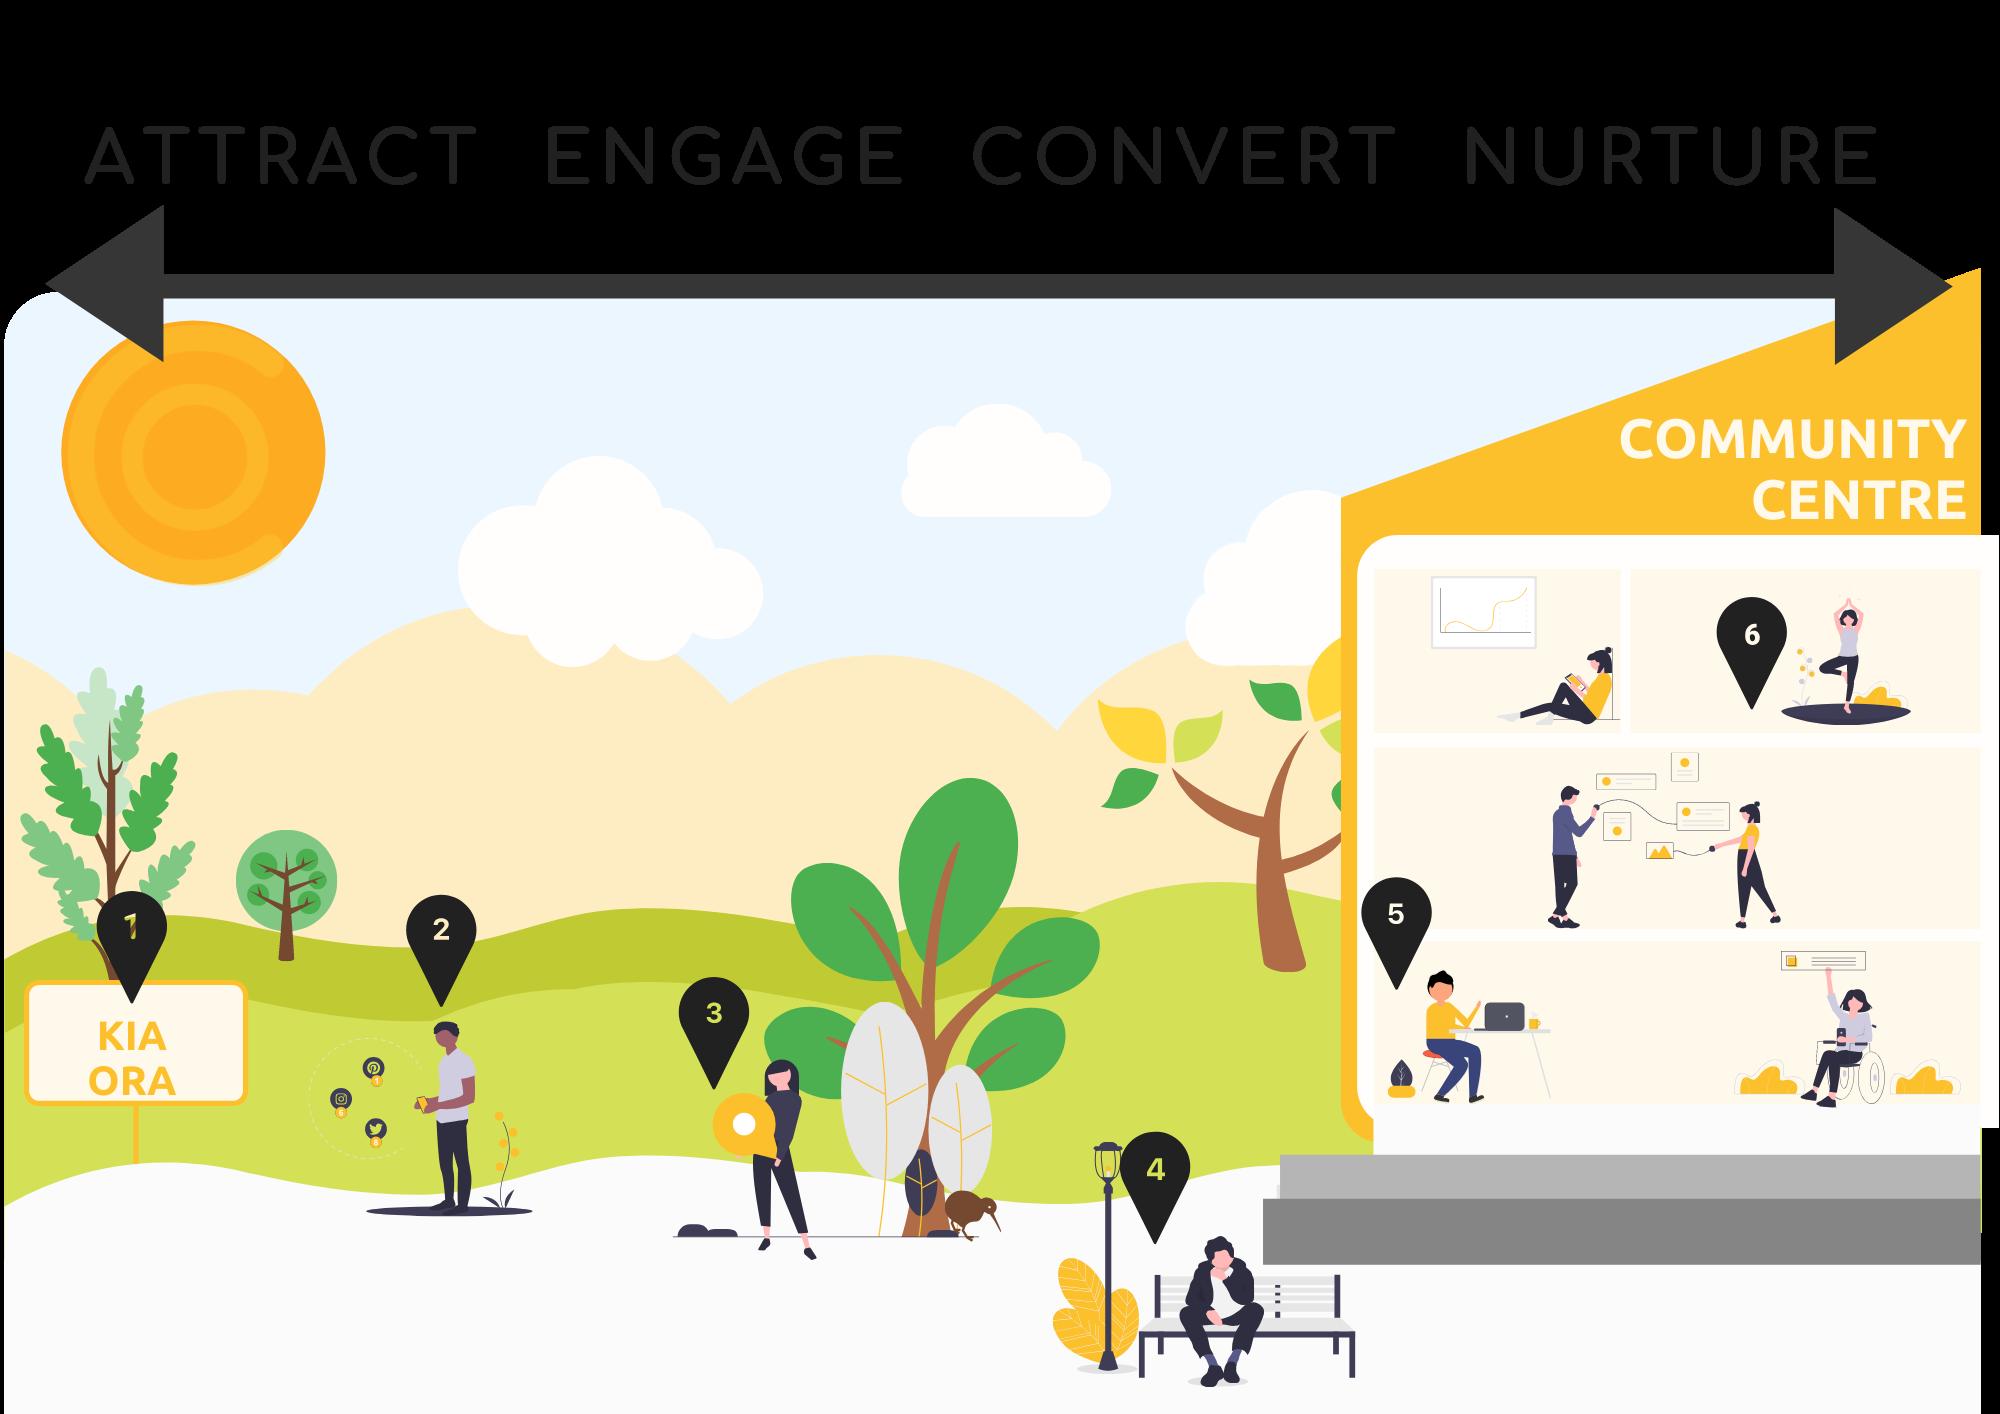 Attract -engage-convert-nurture